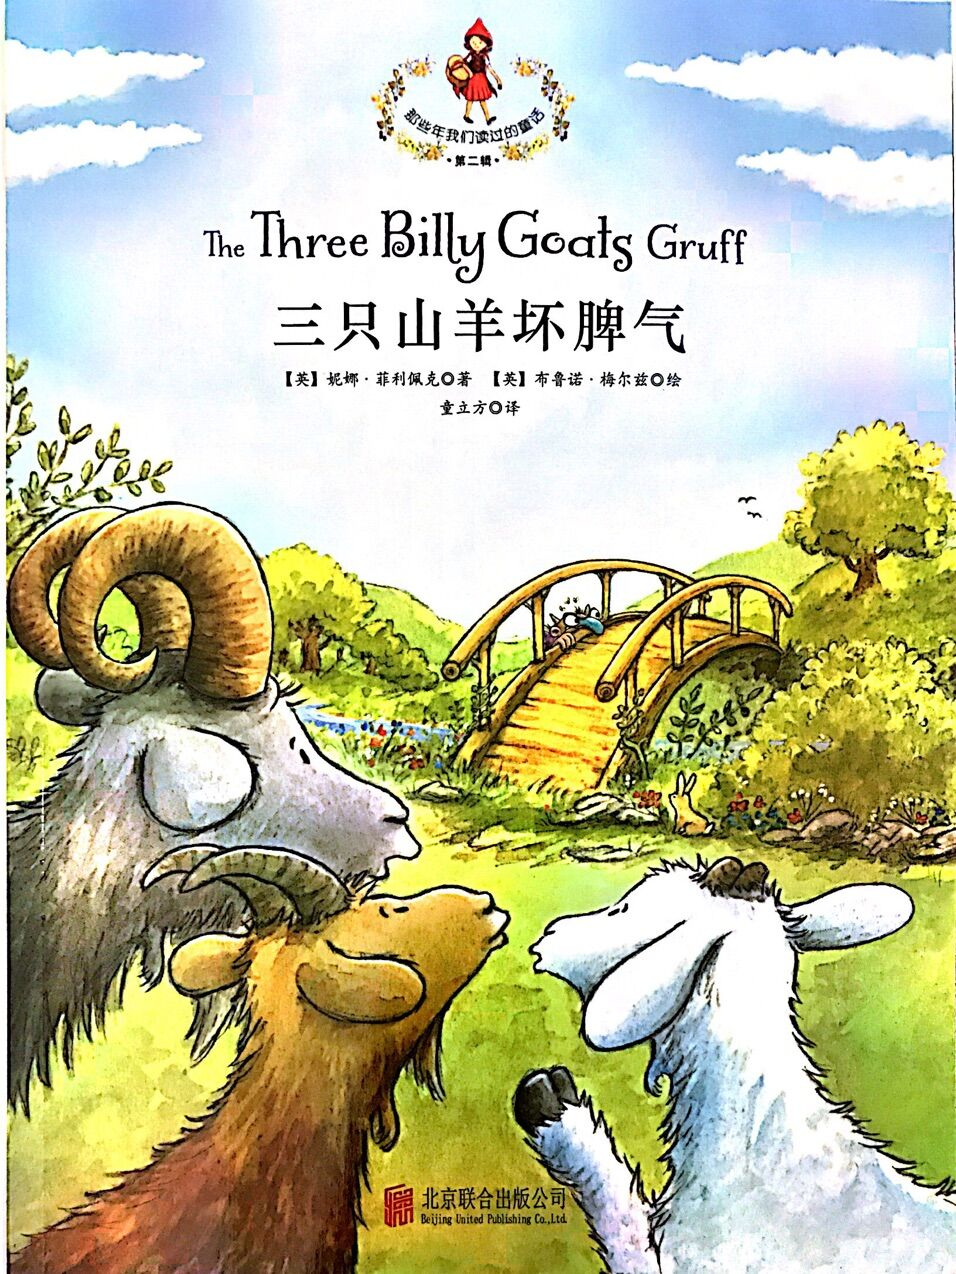 那些年我们读过的童话:三只山羊坏脾气